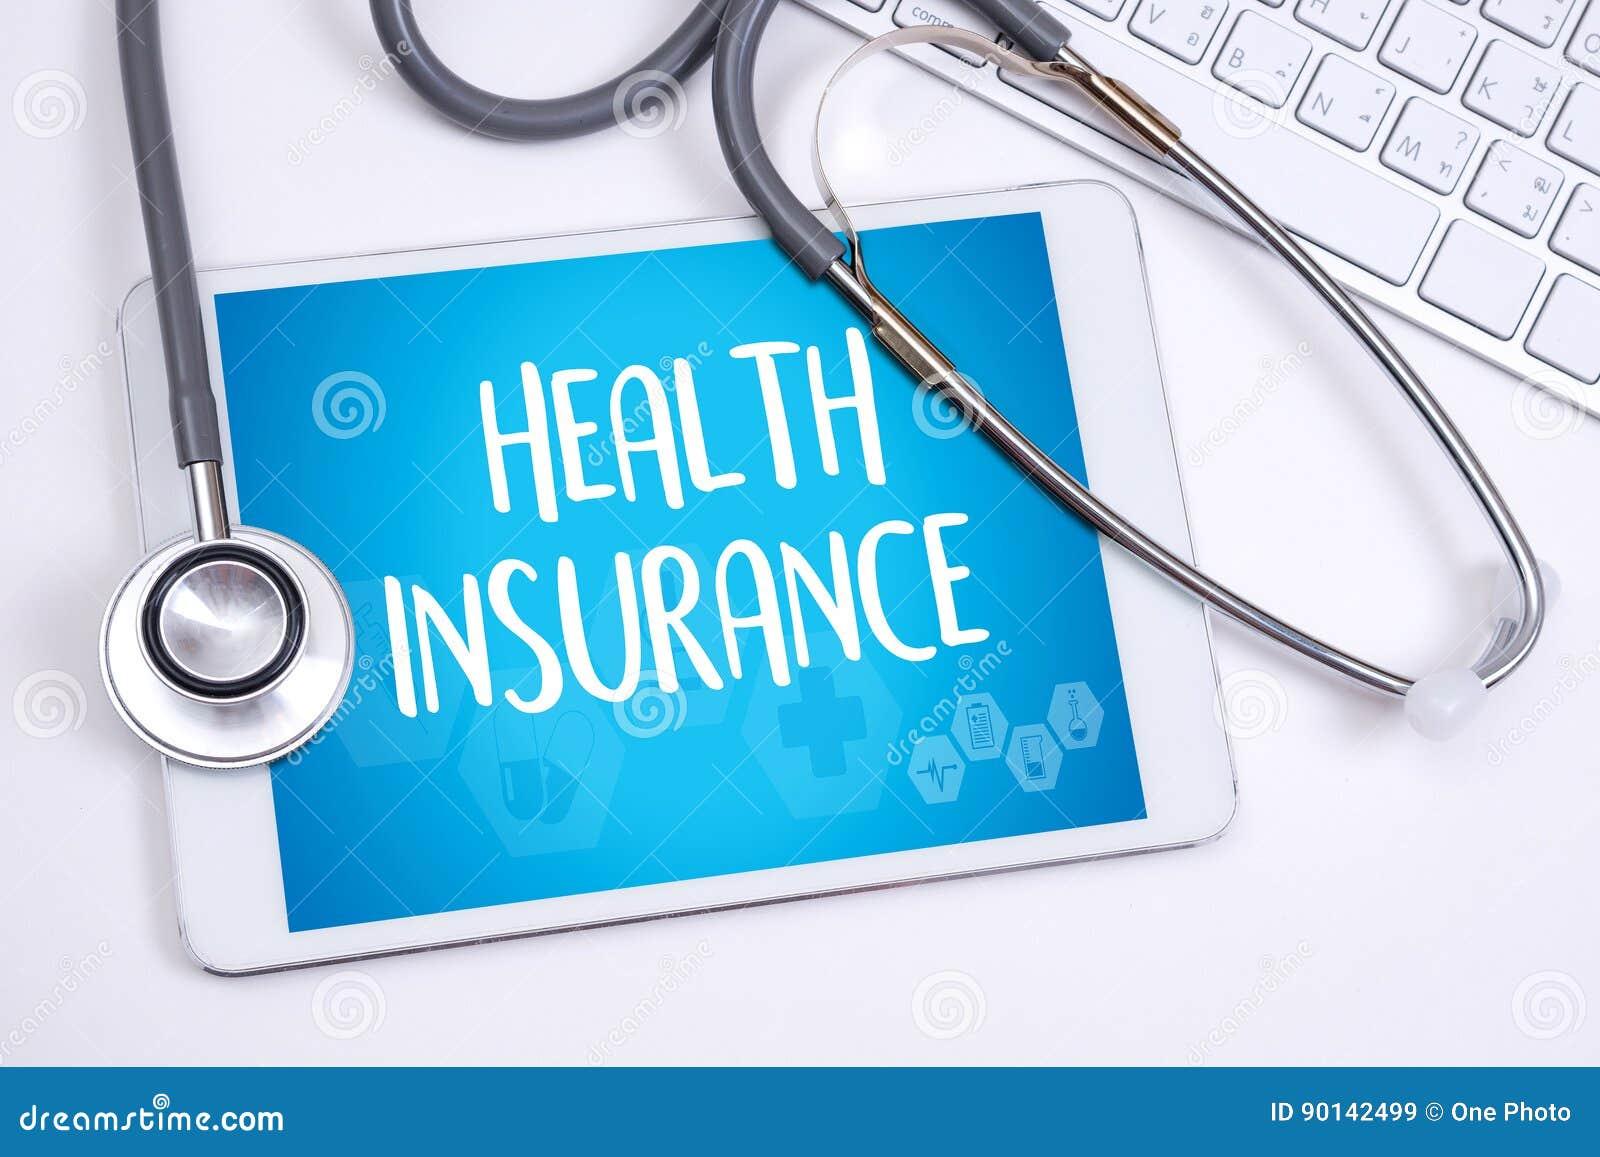 Ο ιατρικός καθ. υγειονομικής περίθαλψης ασφάλειας κινδύνου διαβεβαίωσης ΑΣΦΑΛΕΙΑΣ ΥΓΕΙΑΣ